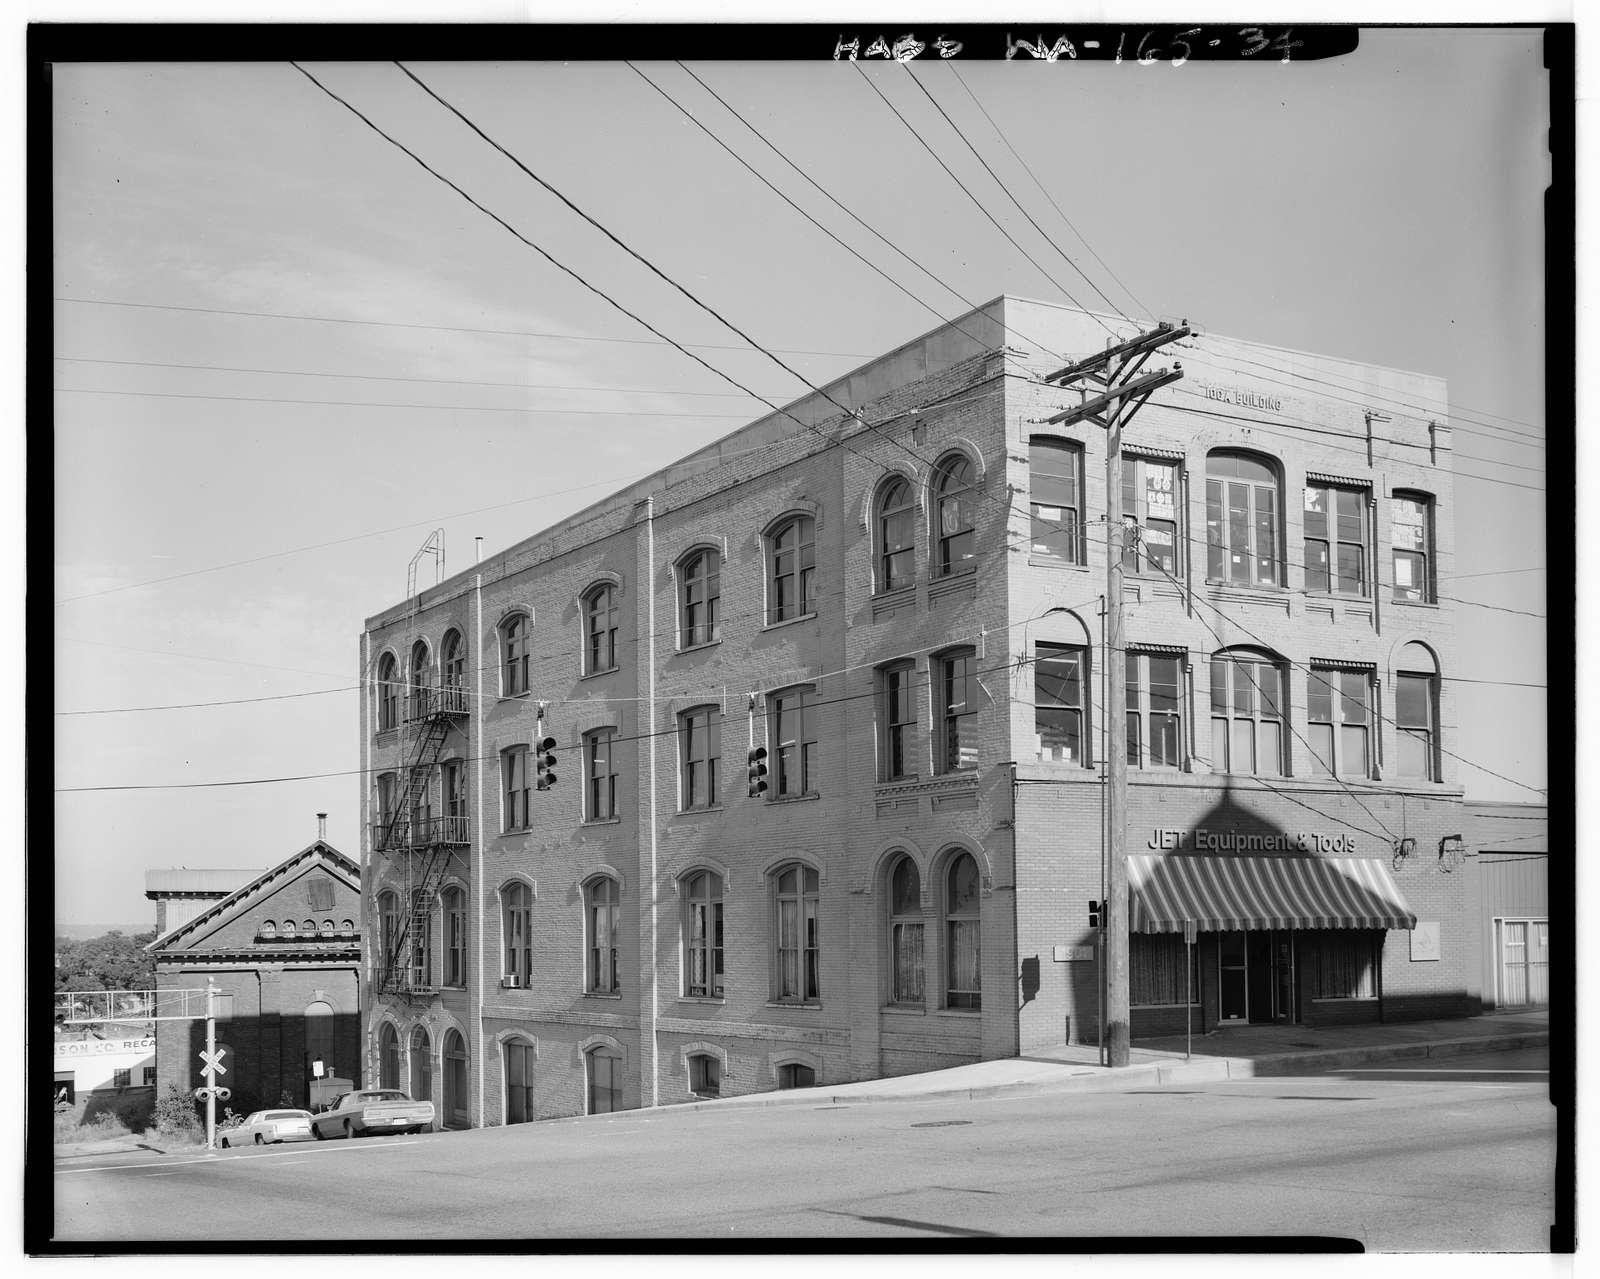 Union Depot Area Study, Tacoma, Pierce County, WA